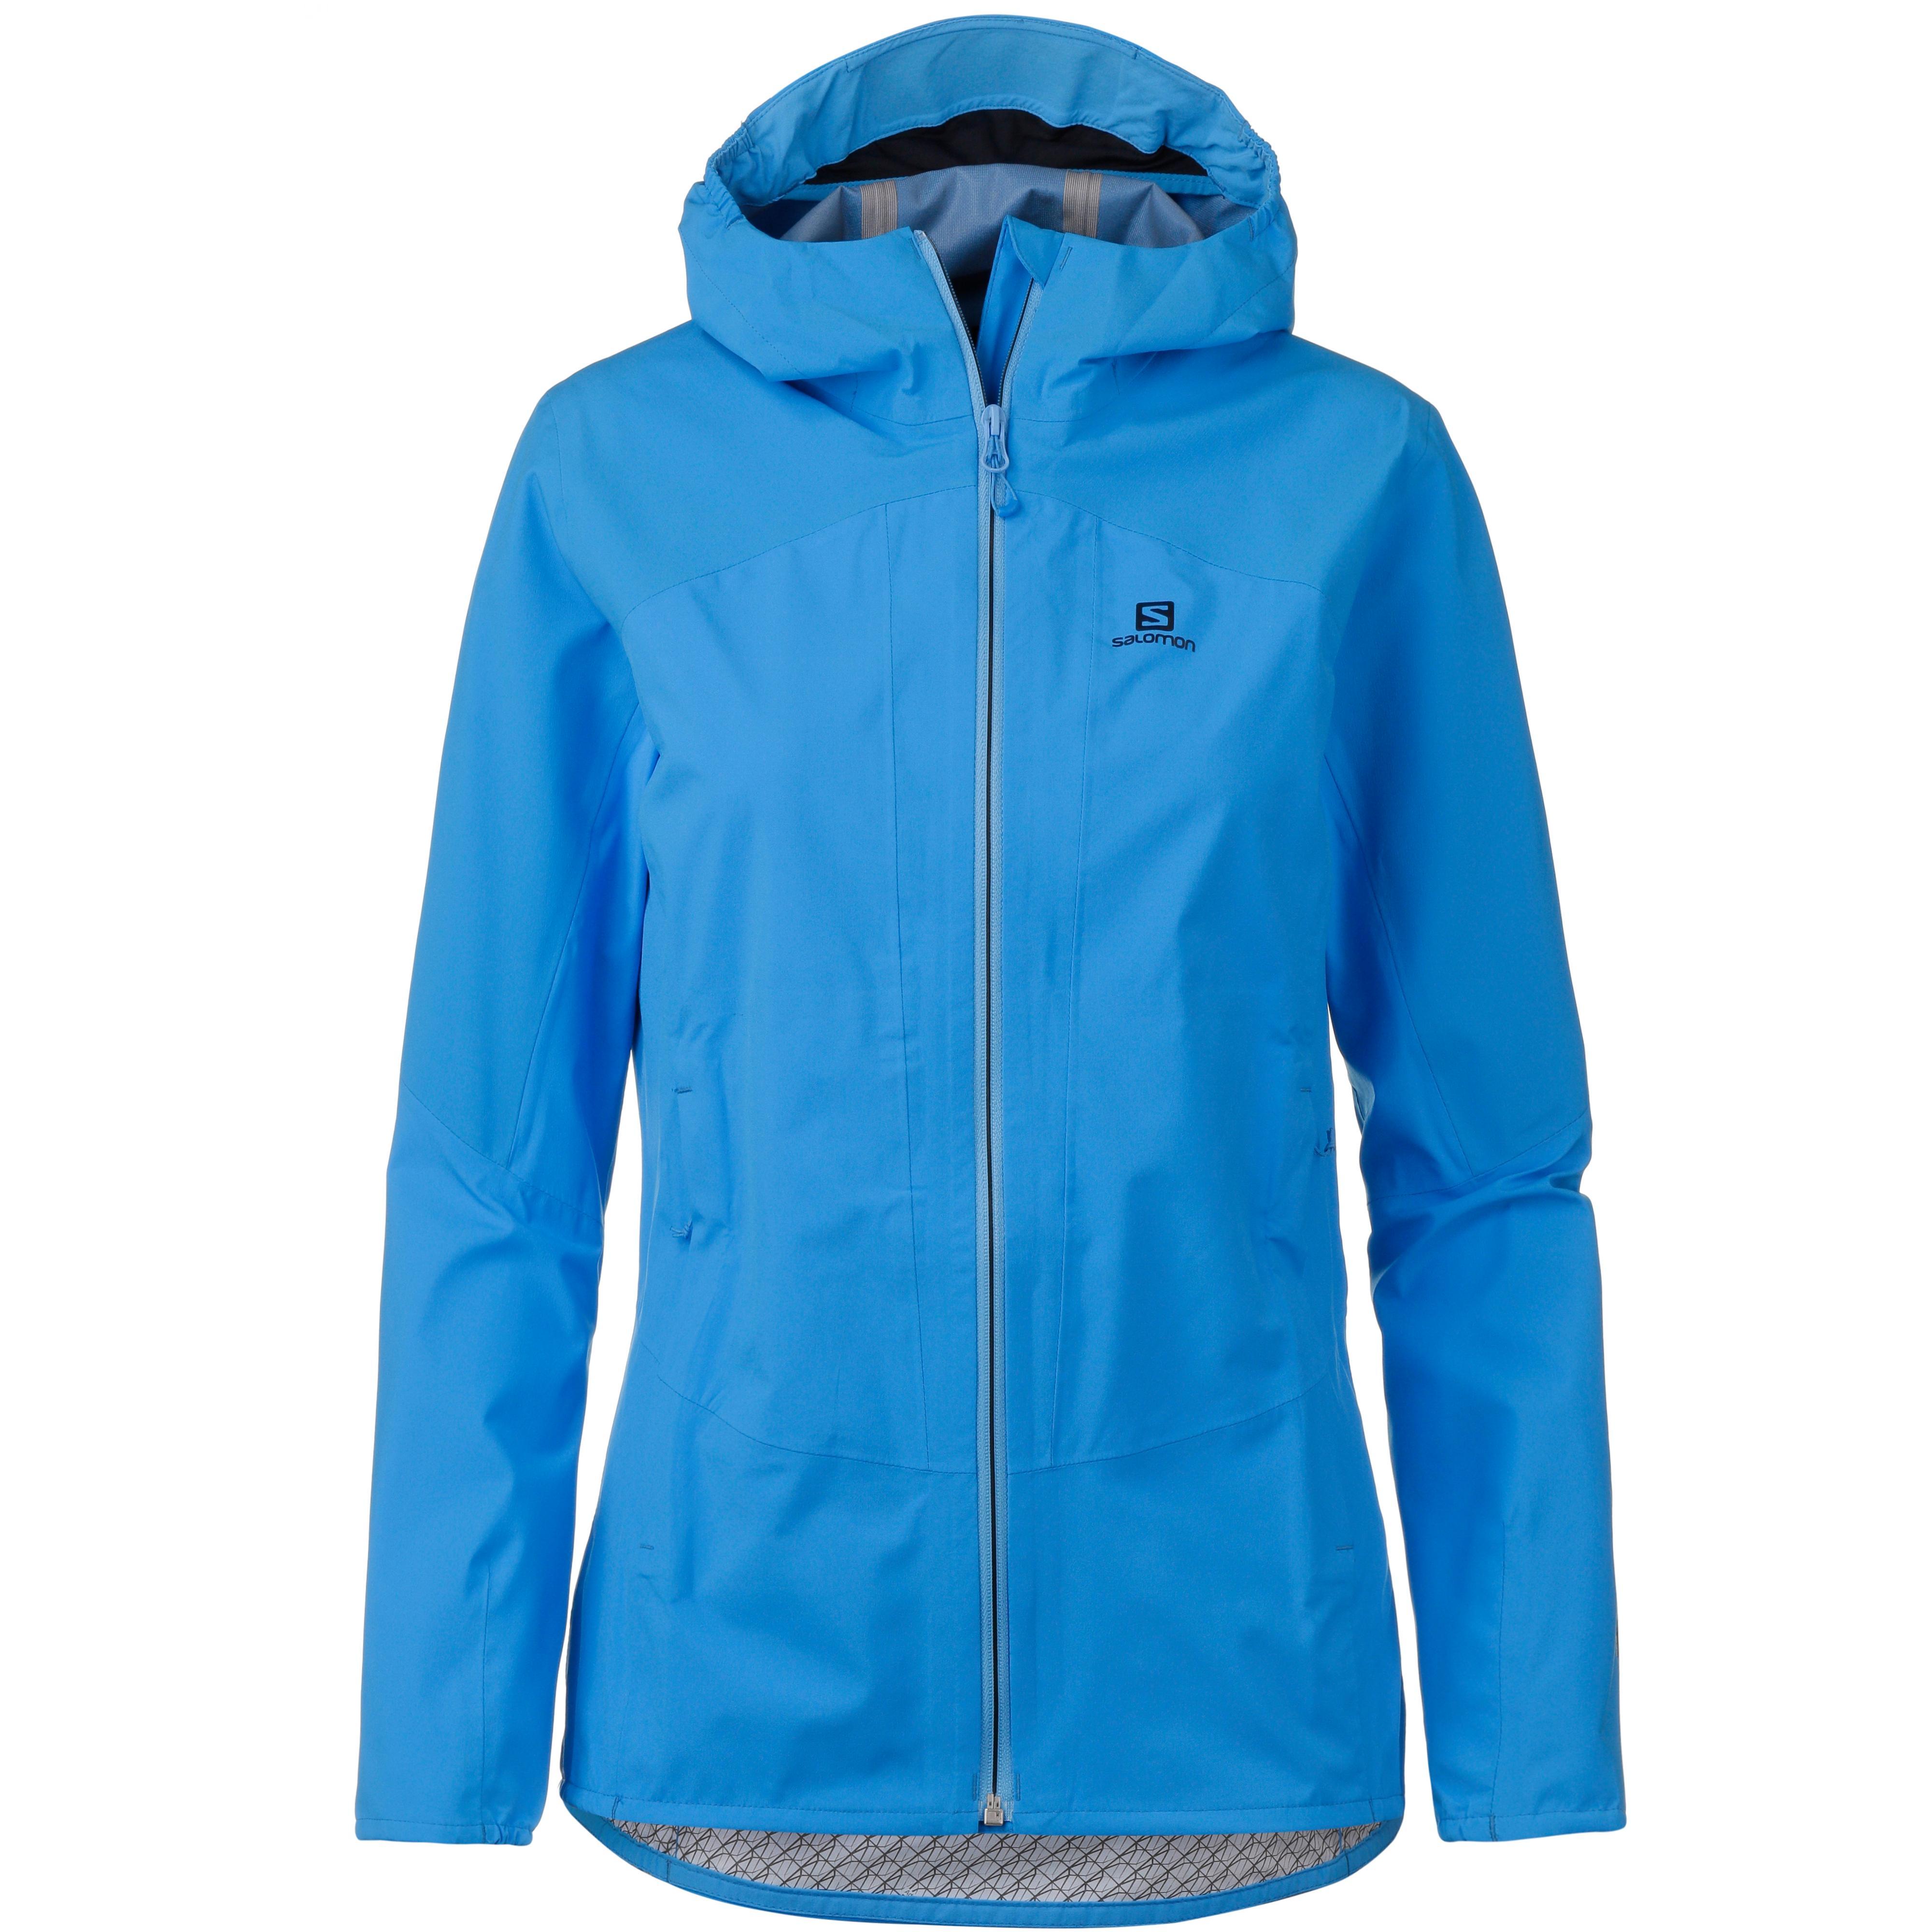 Salomon Ranger Softshelljacke Herren blau im Online Shop von SportScheck kaufen